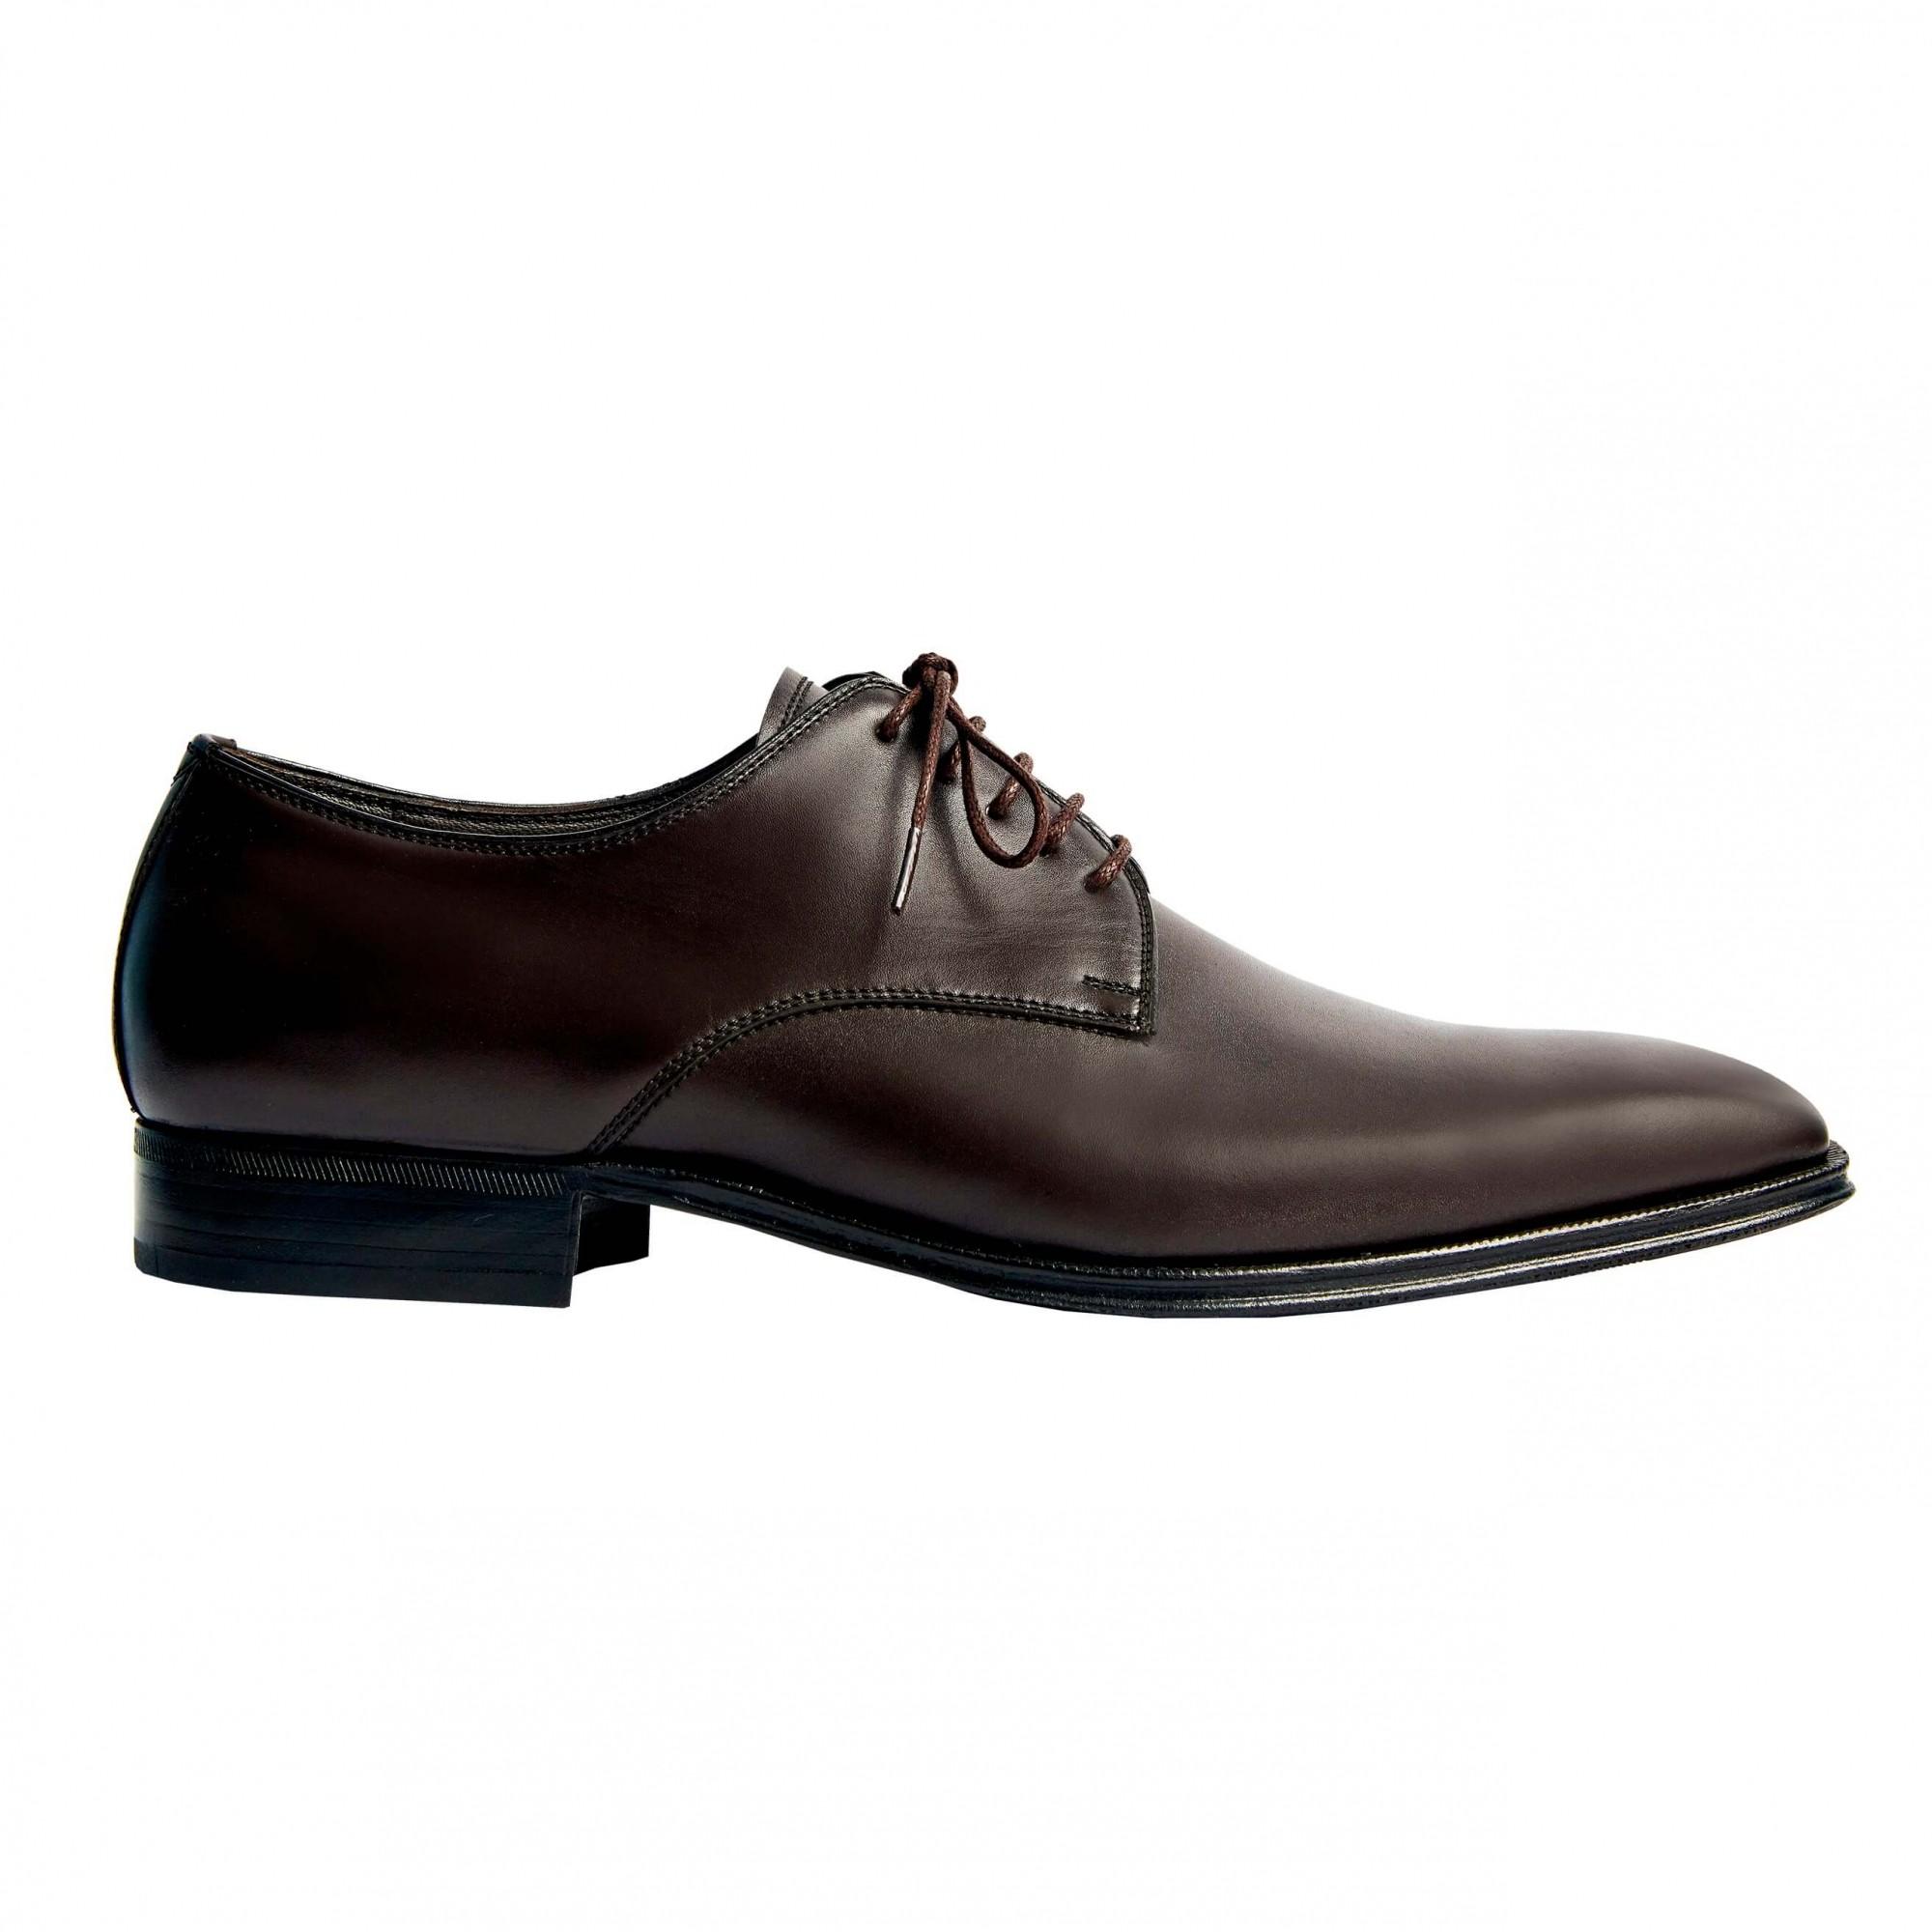 Sapato Masculino Derby Social Marrom Café 2070LCAF Pietro